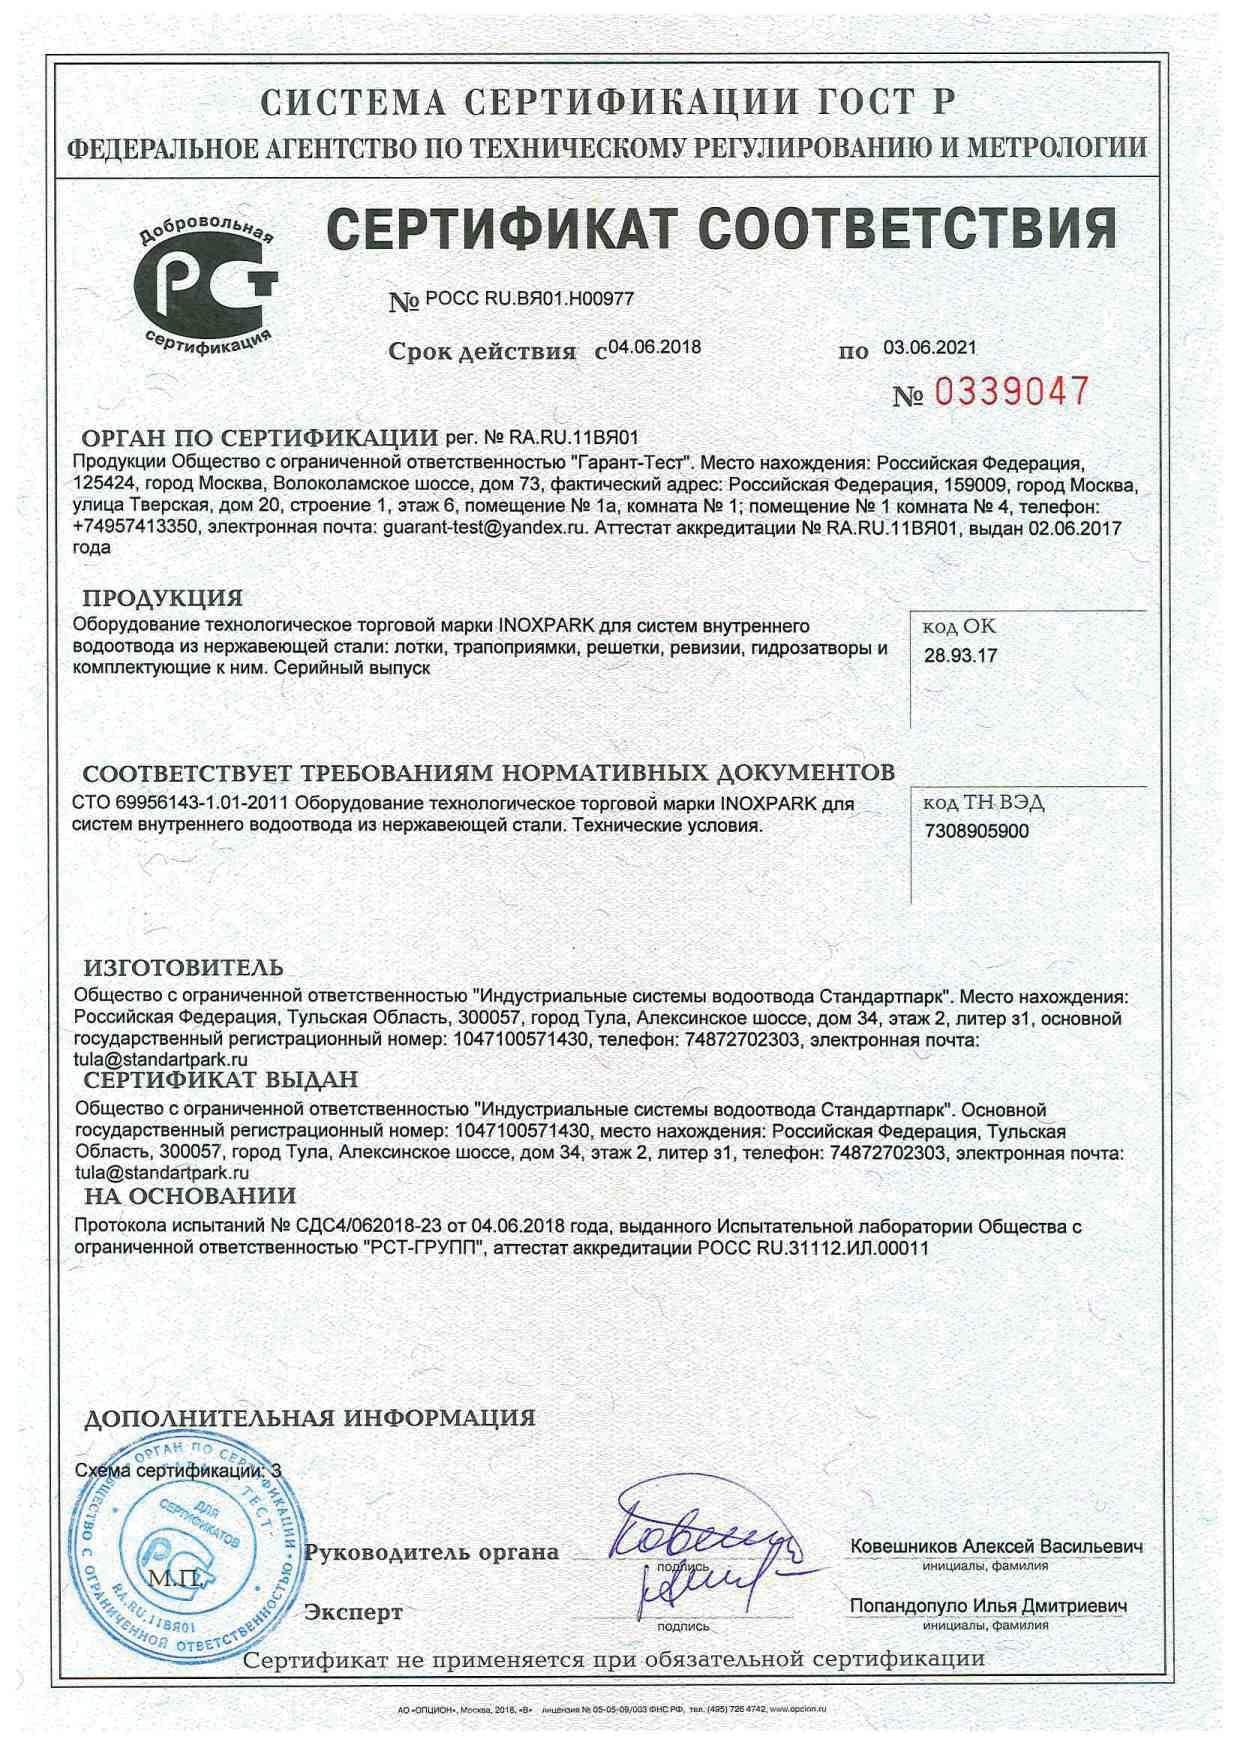 Сертификаты соответствия - это что за документы? как проверить сертификат соответствия?